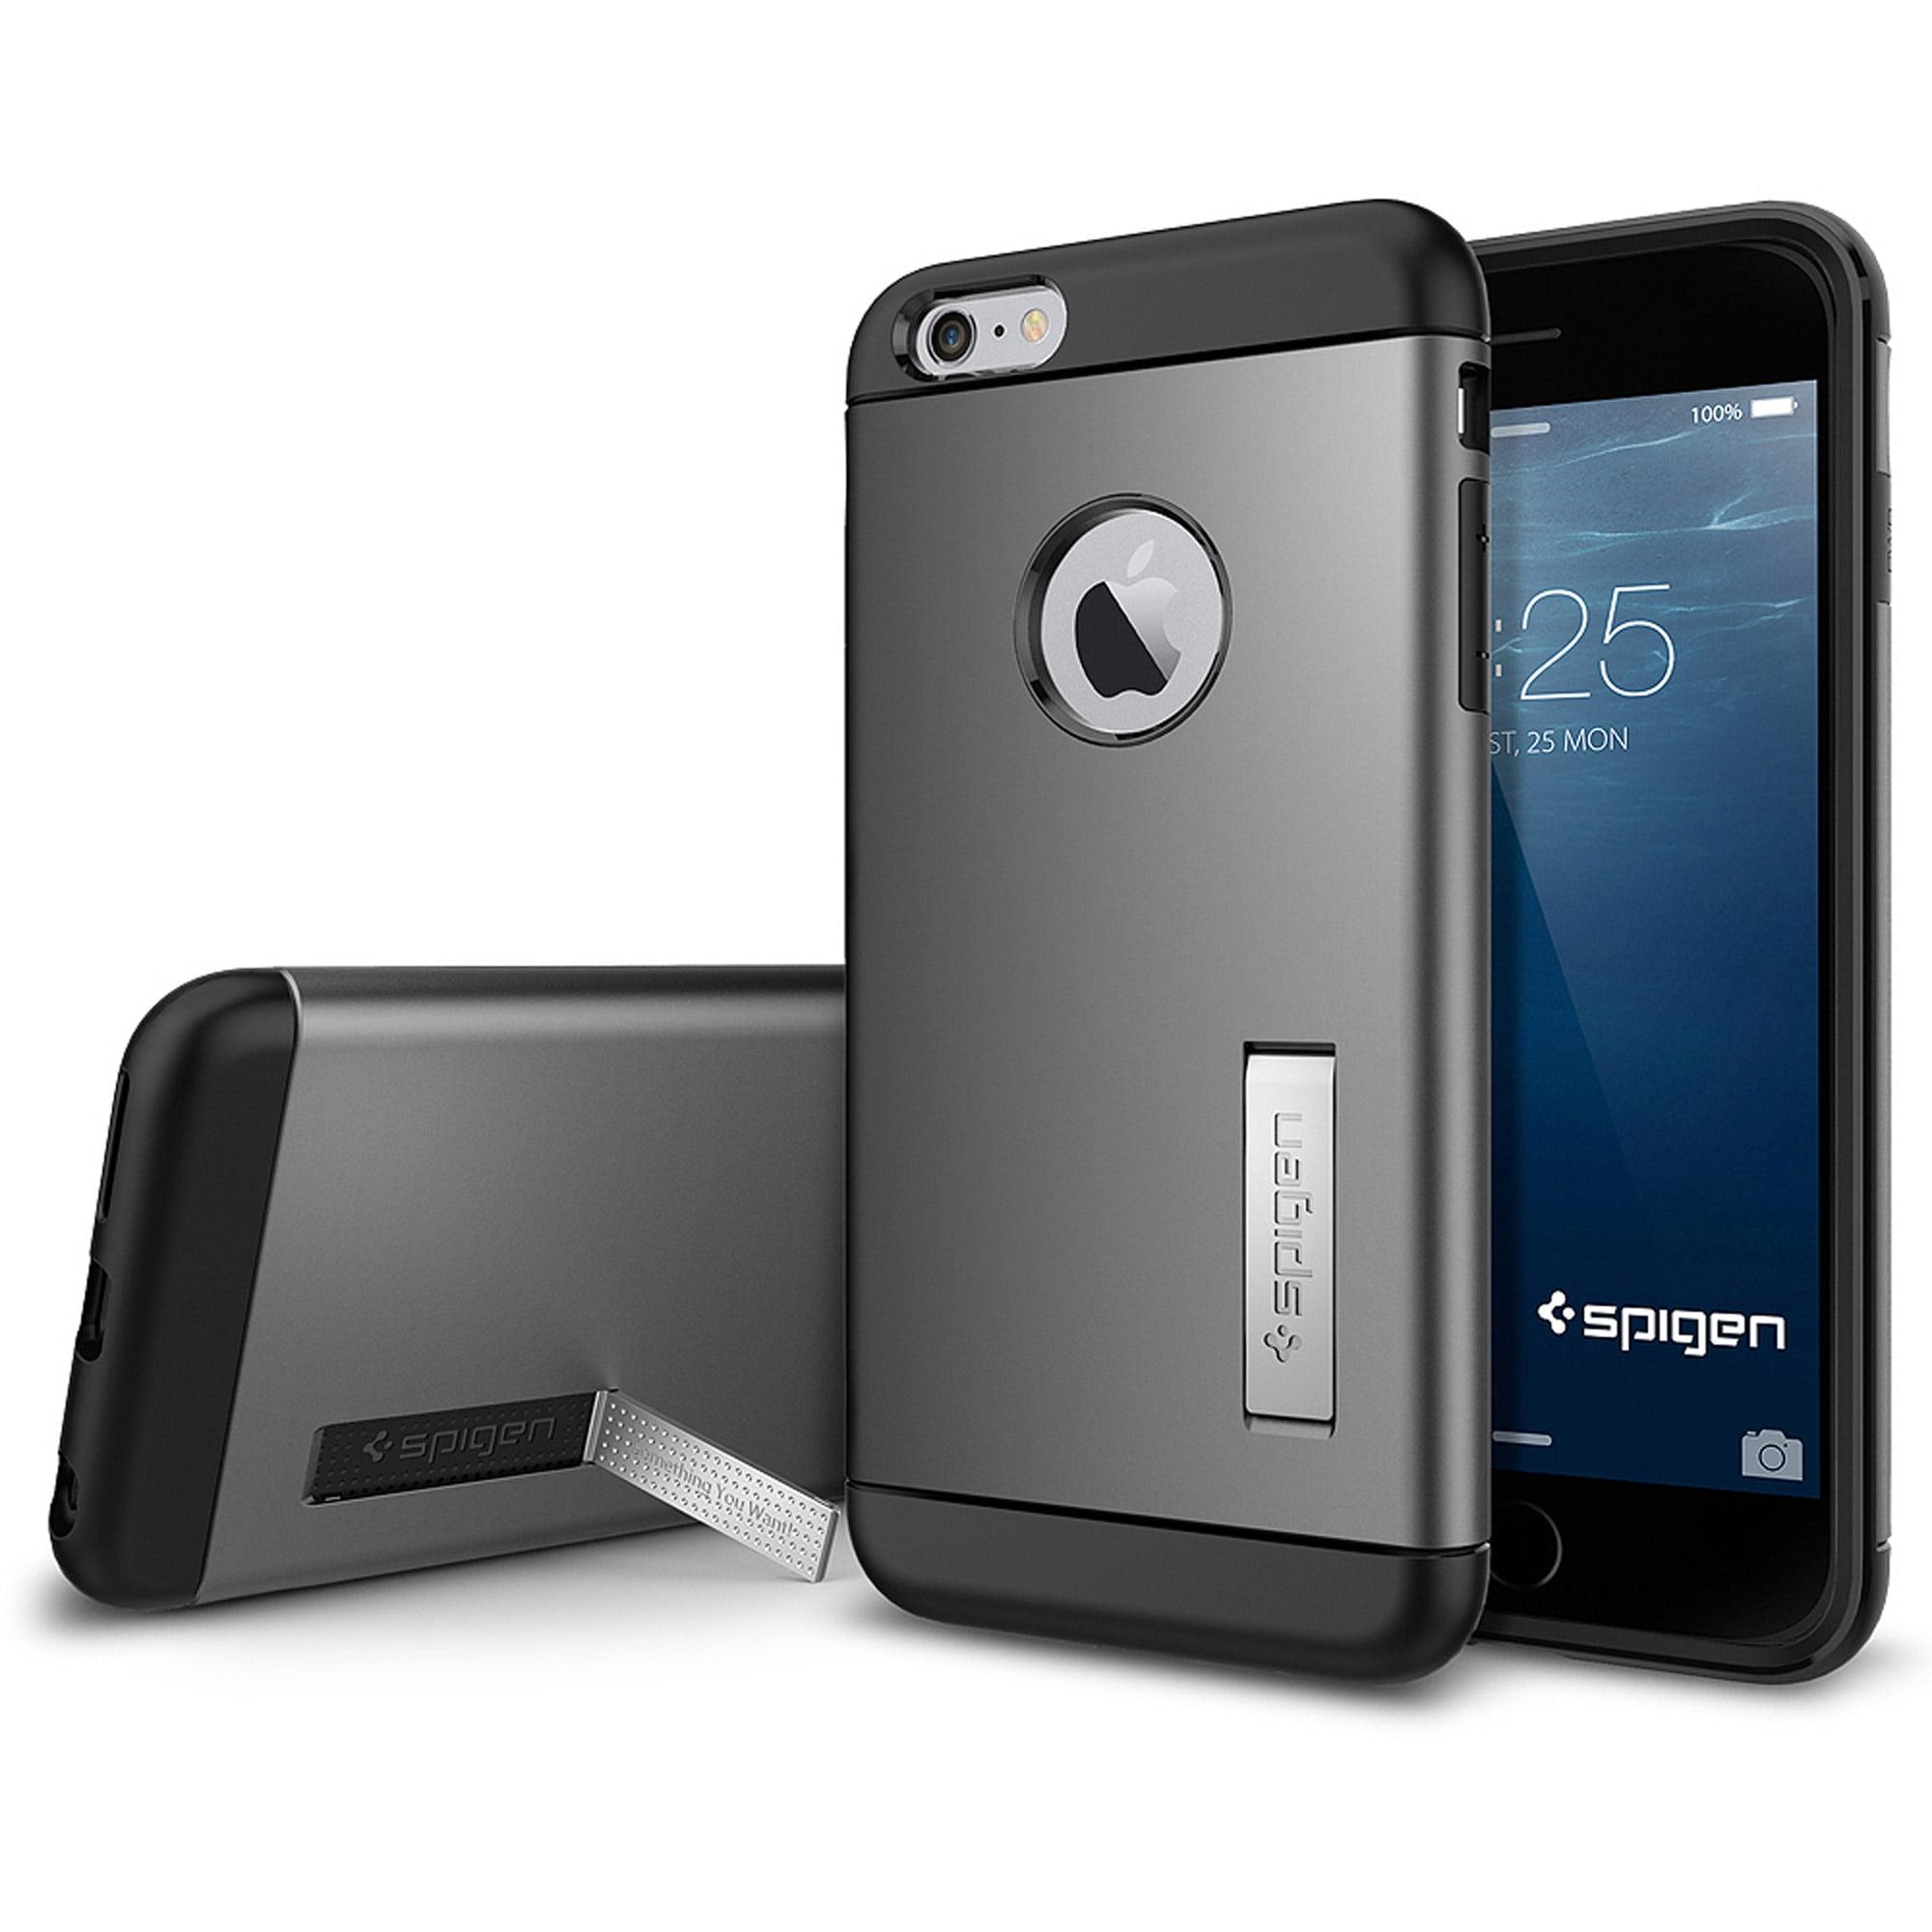 iPhone 6 plus Spigen slim armor case for apple iphone